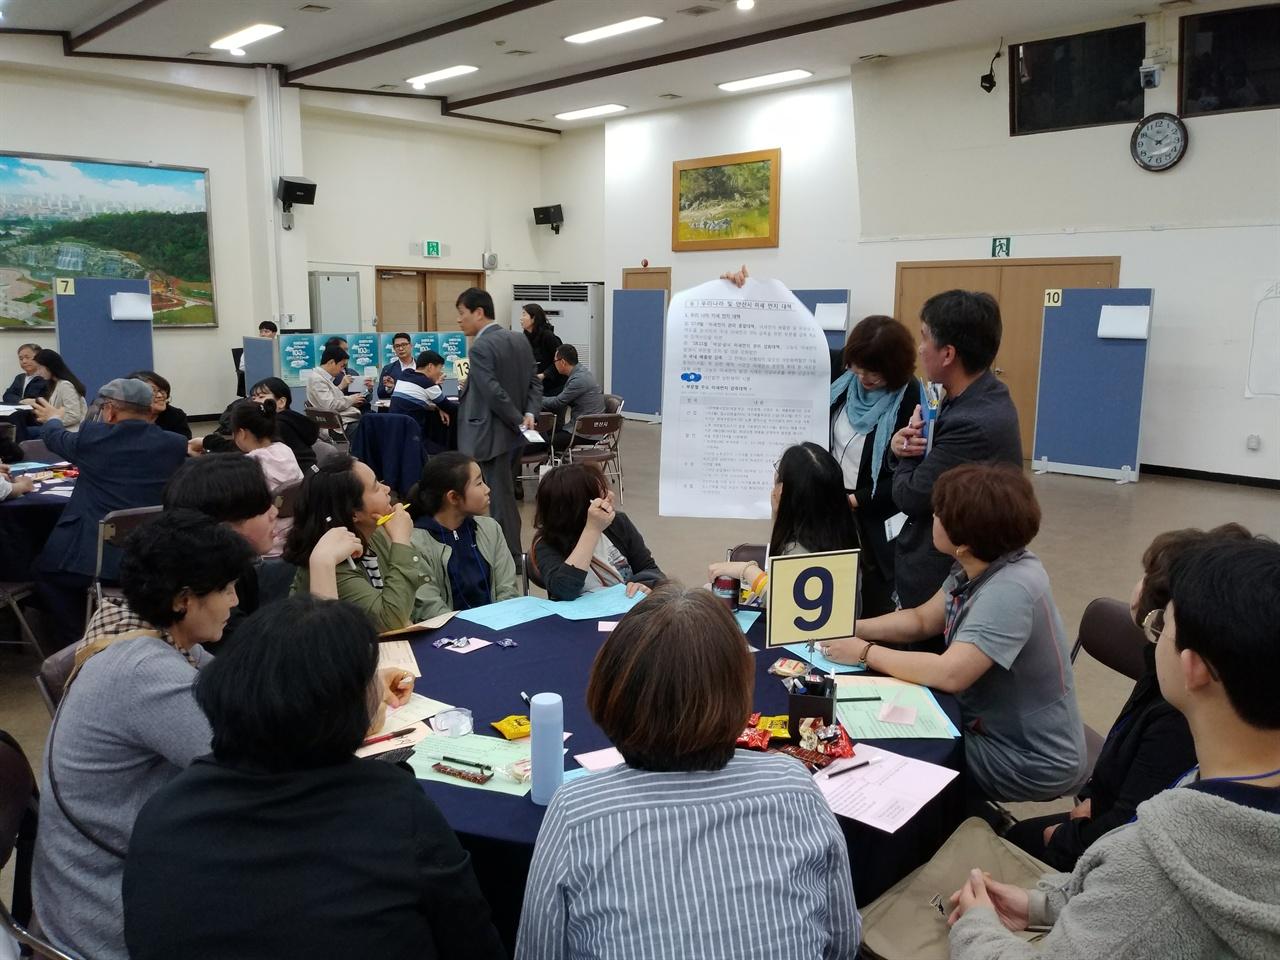 미세먼지안산원탁토론회2 '미세먼지 없는 안산을 위한 100인 원탁 토론회' 에서 테이블 진행자들이 토론을 진행하고 있다.